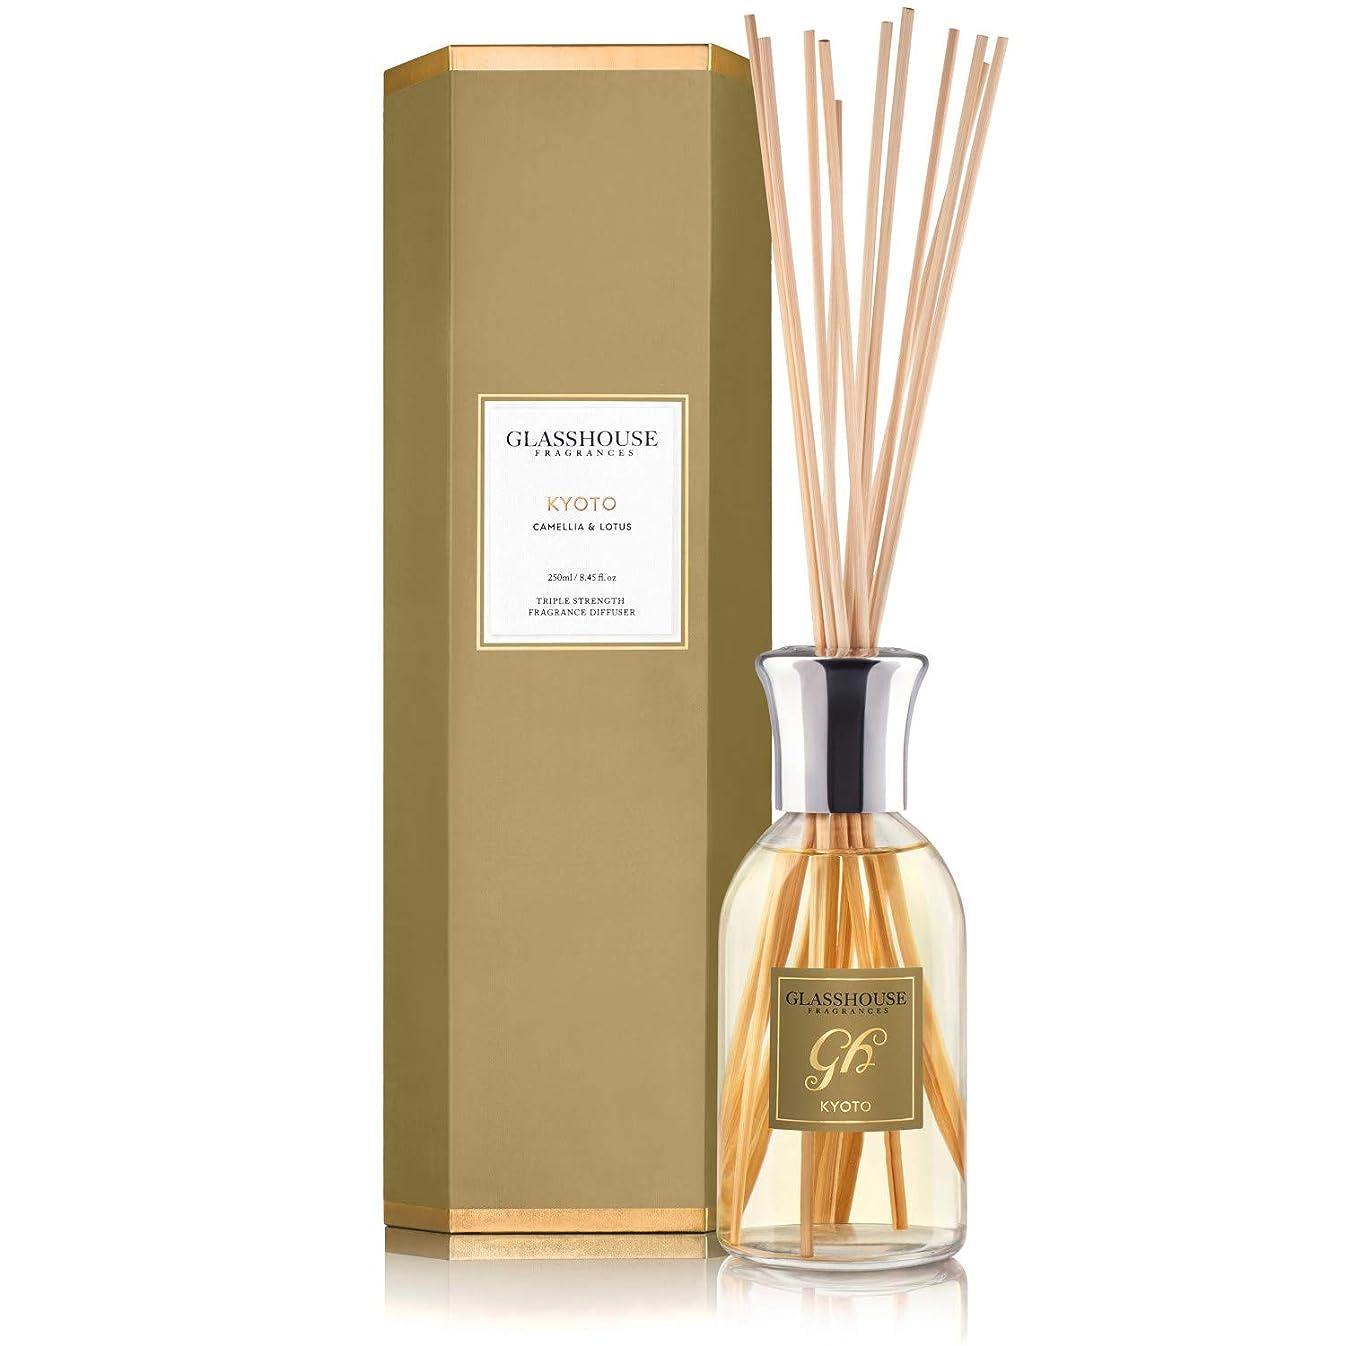 タワー母音呼び出すグラスハウス Triple Strength Fragrance Diffuser - Kyoto (Camellia & Lotus) 250ml/8.45oz並行輸入品